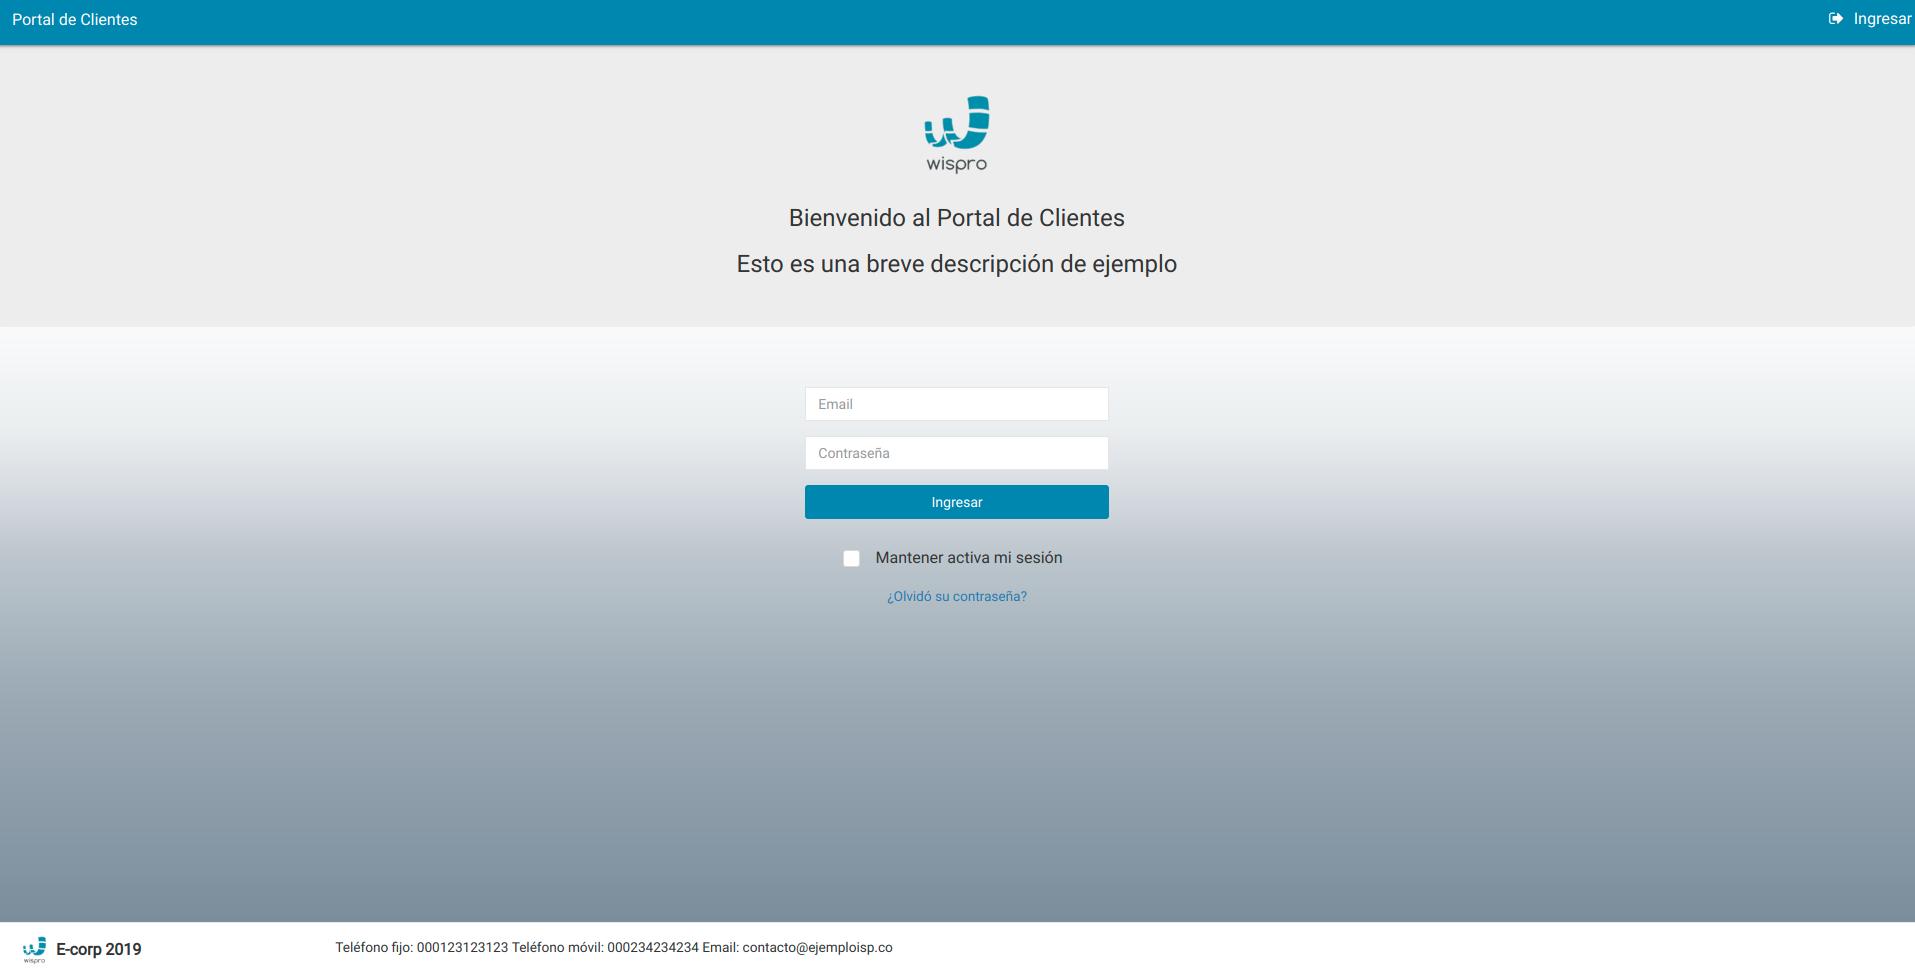 Pantalla de inicio de sesión del Portal de Clientes - Vista general